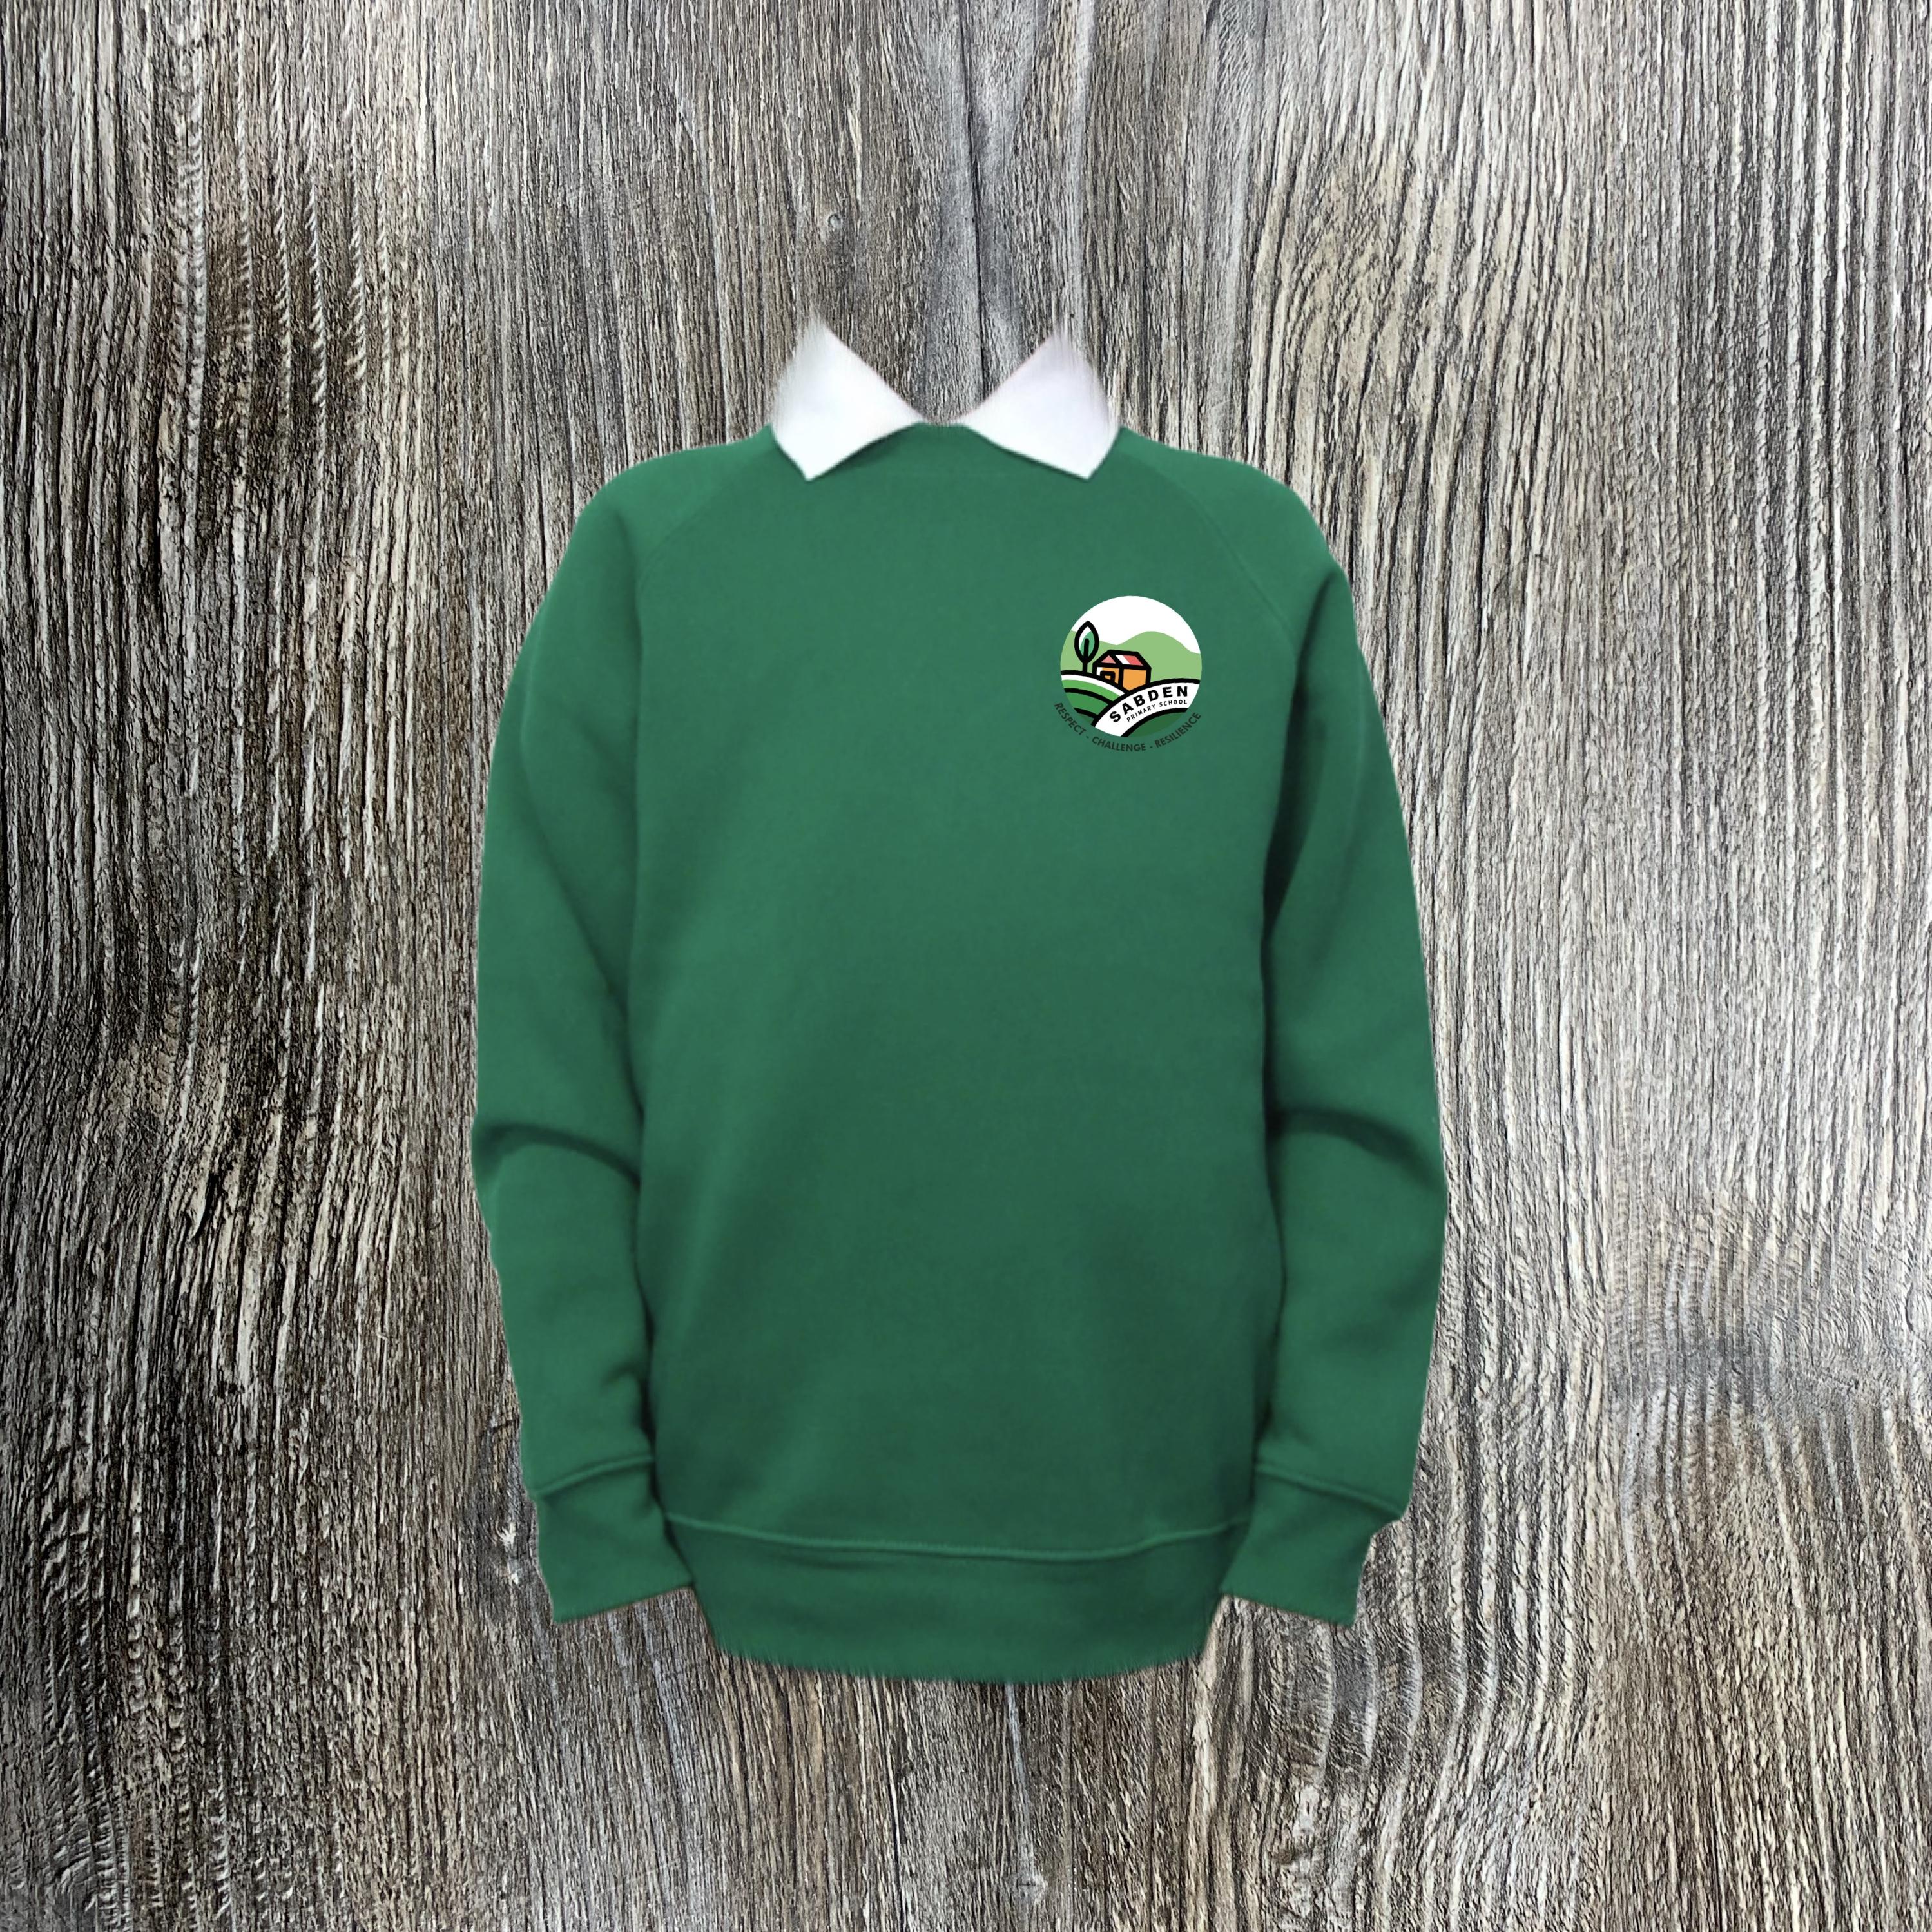 Sabden Y6 Emerald Sweatshirt